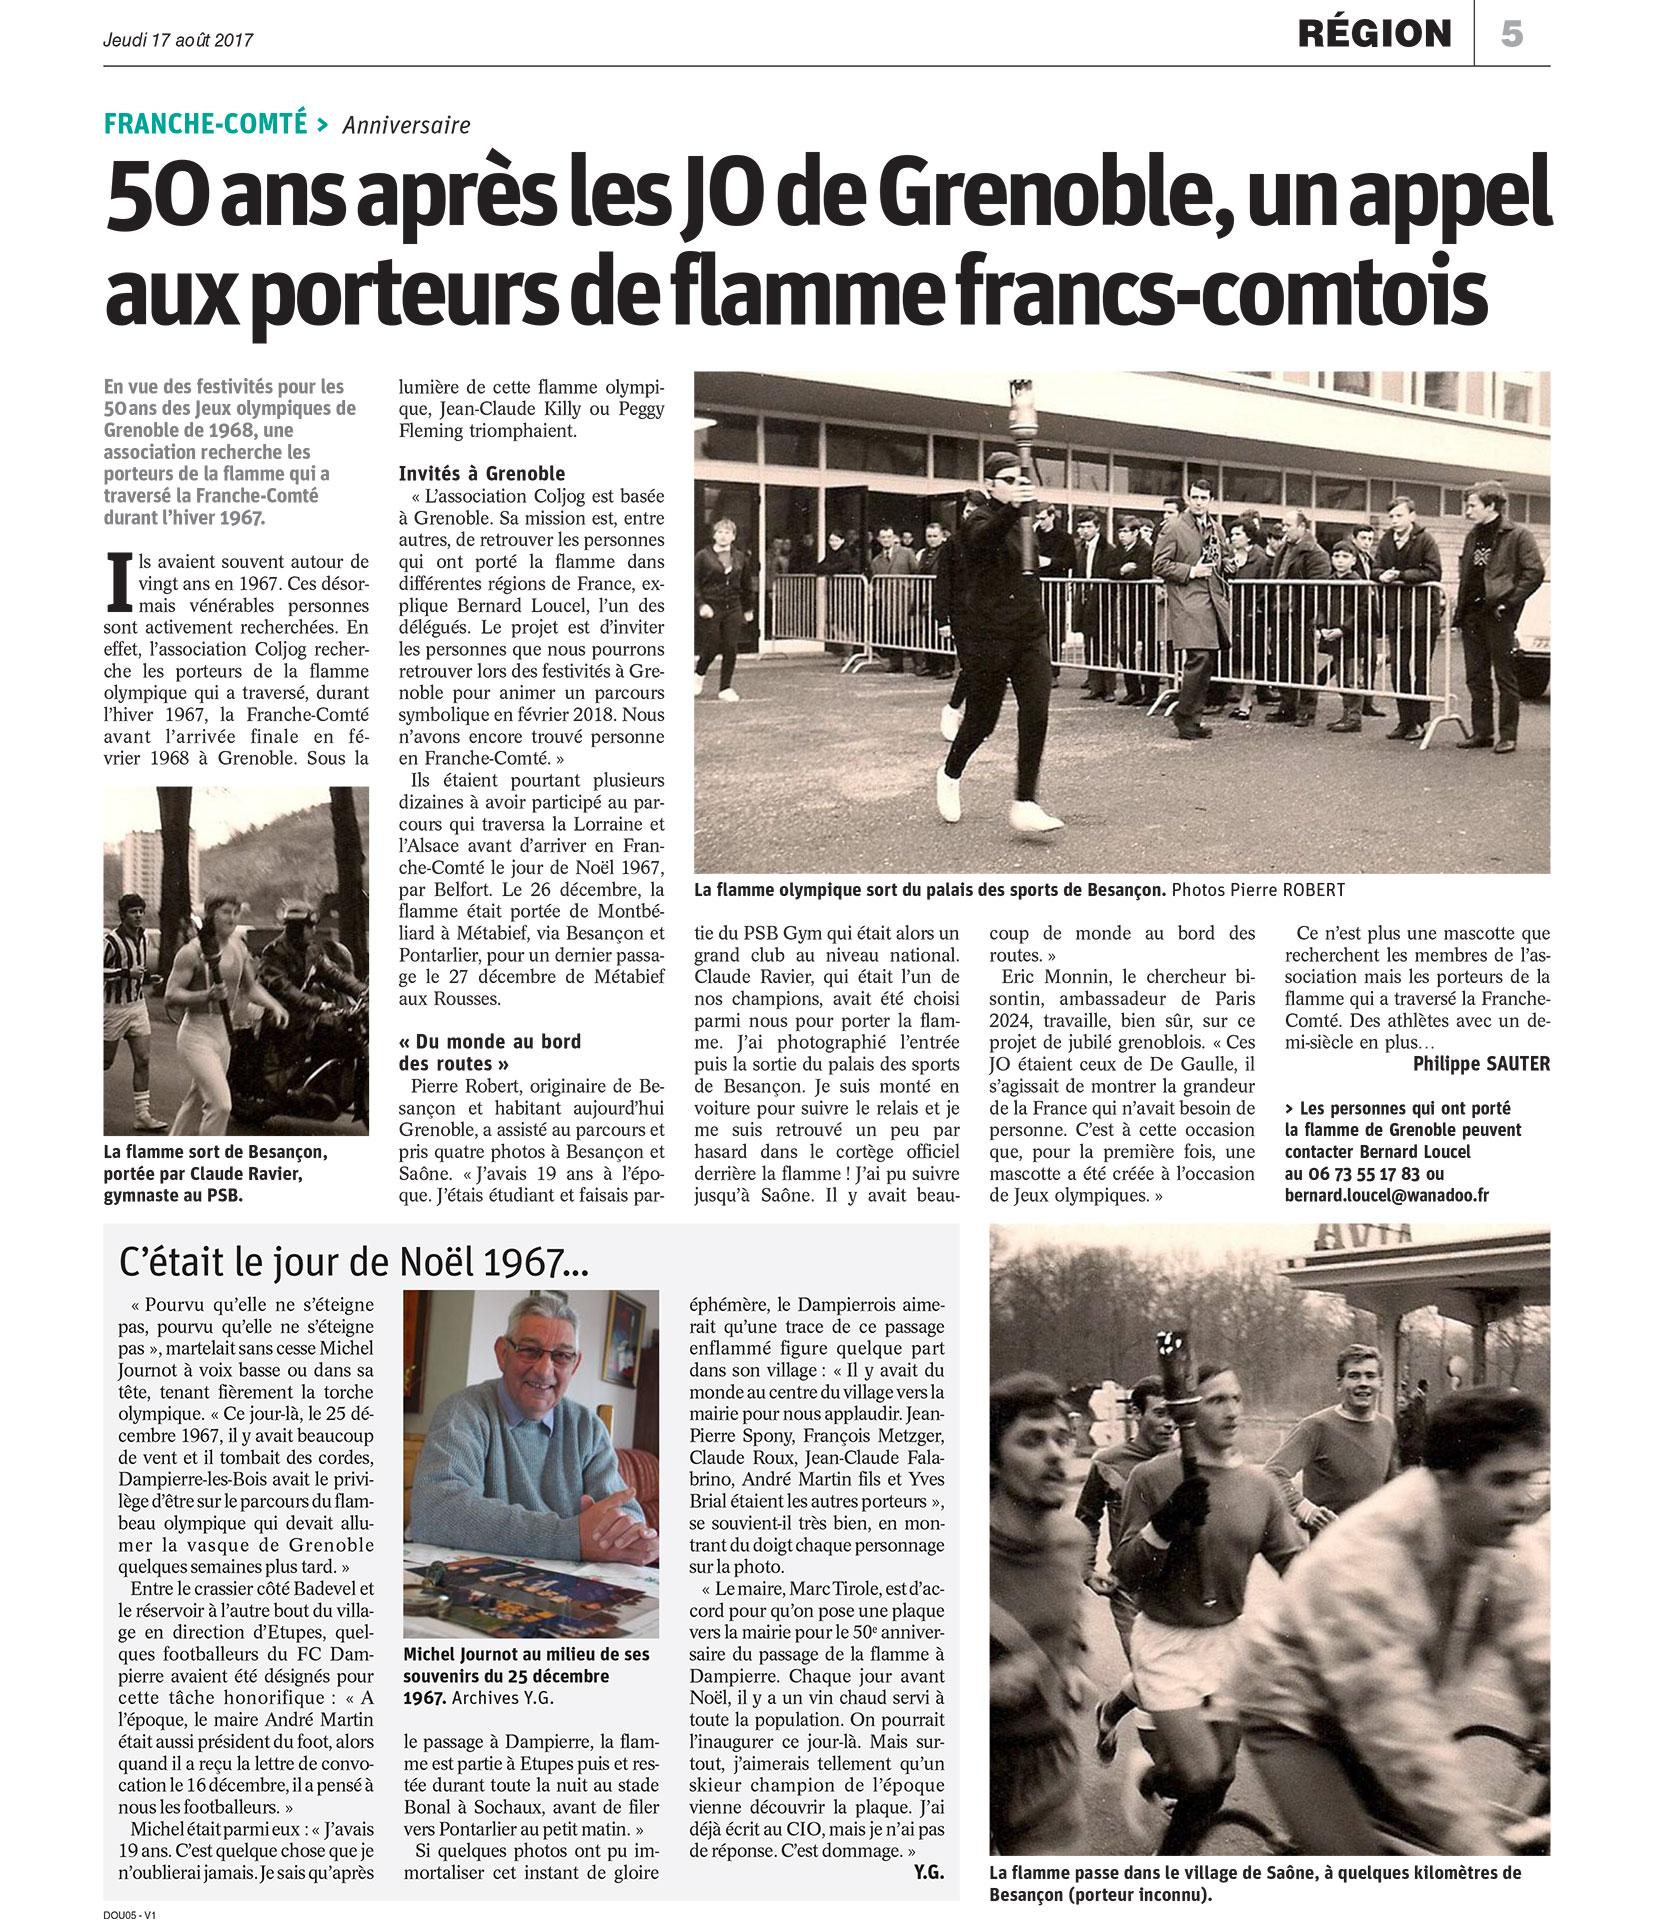 Article Est Republicain 17 aout 2017